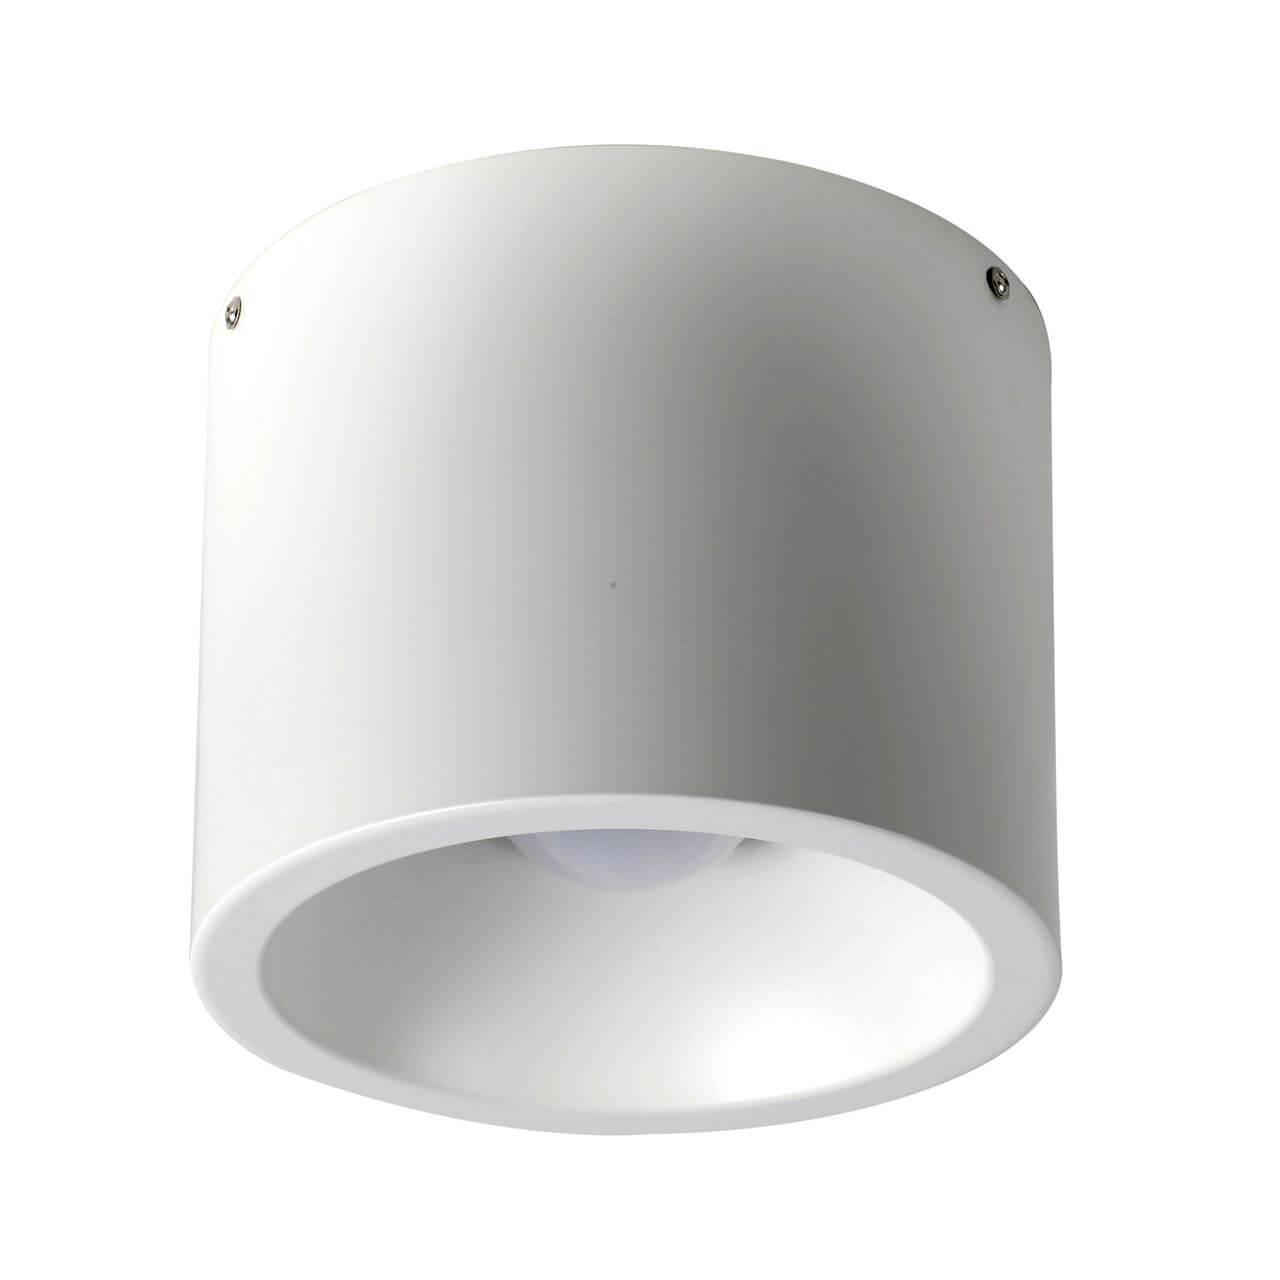 Потолочный светильник Favourite 1992-1C, LED, 12 Вт